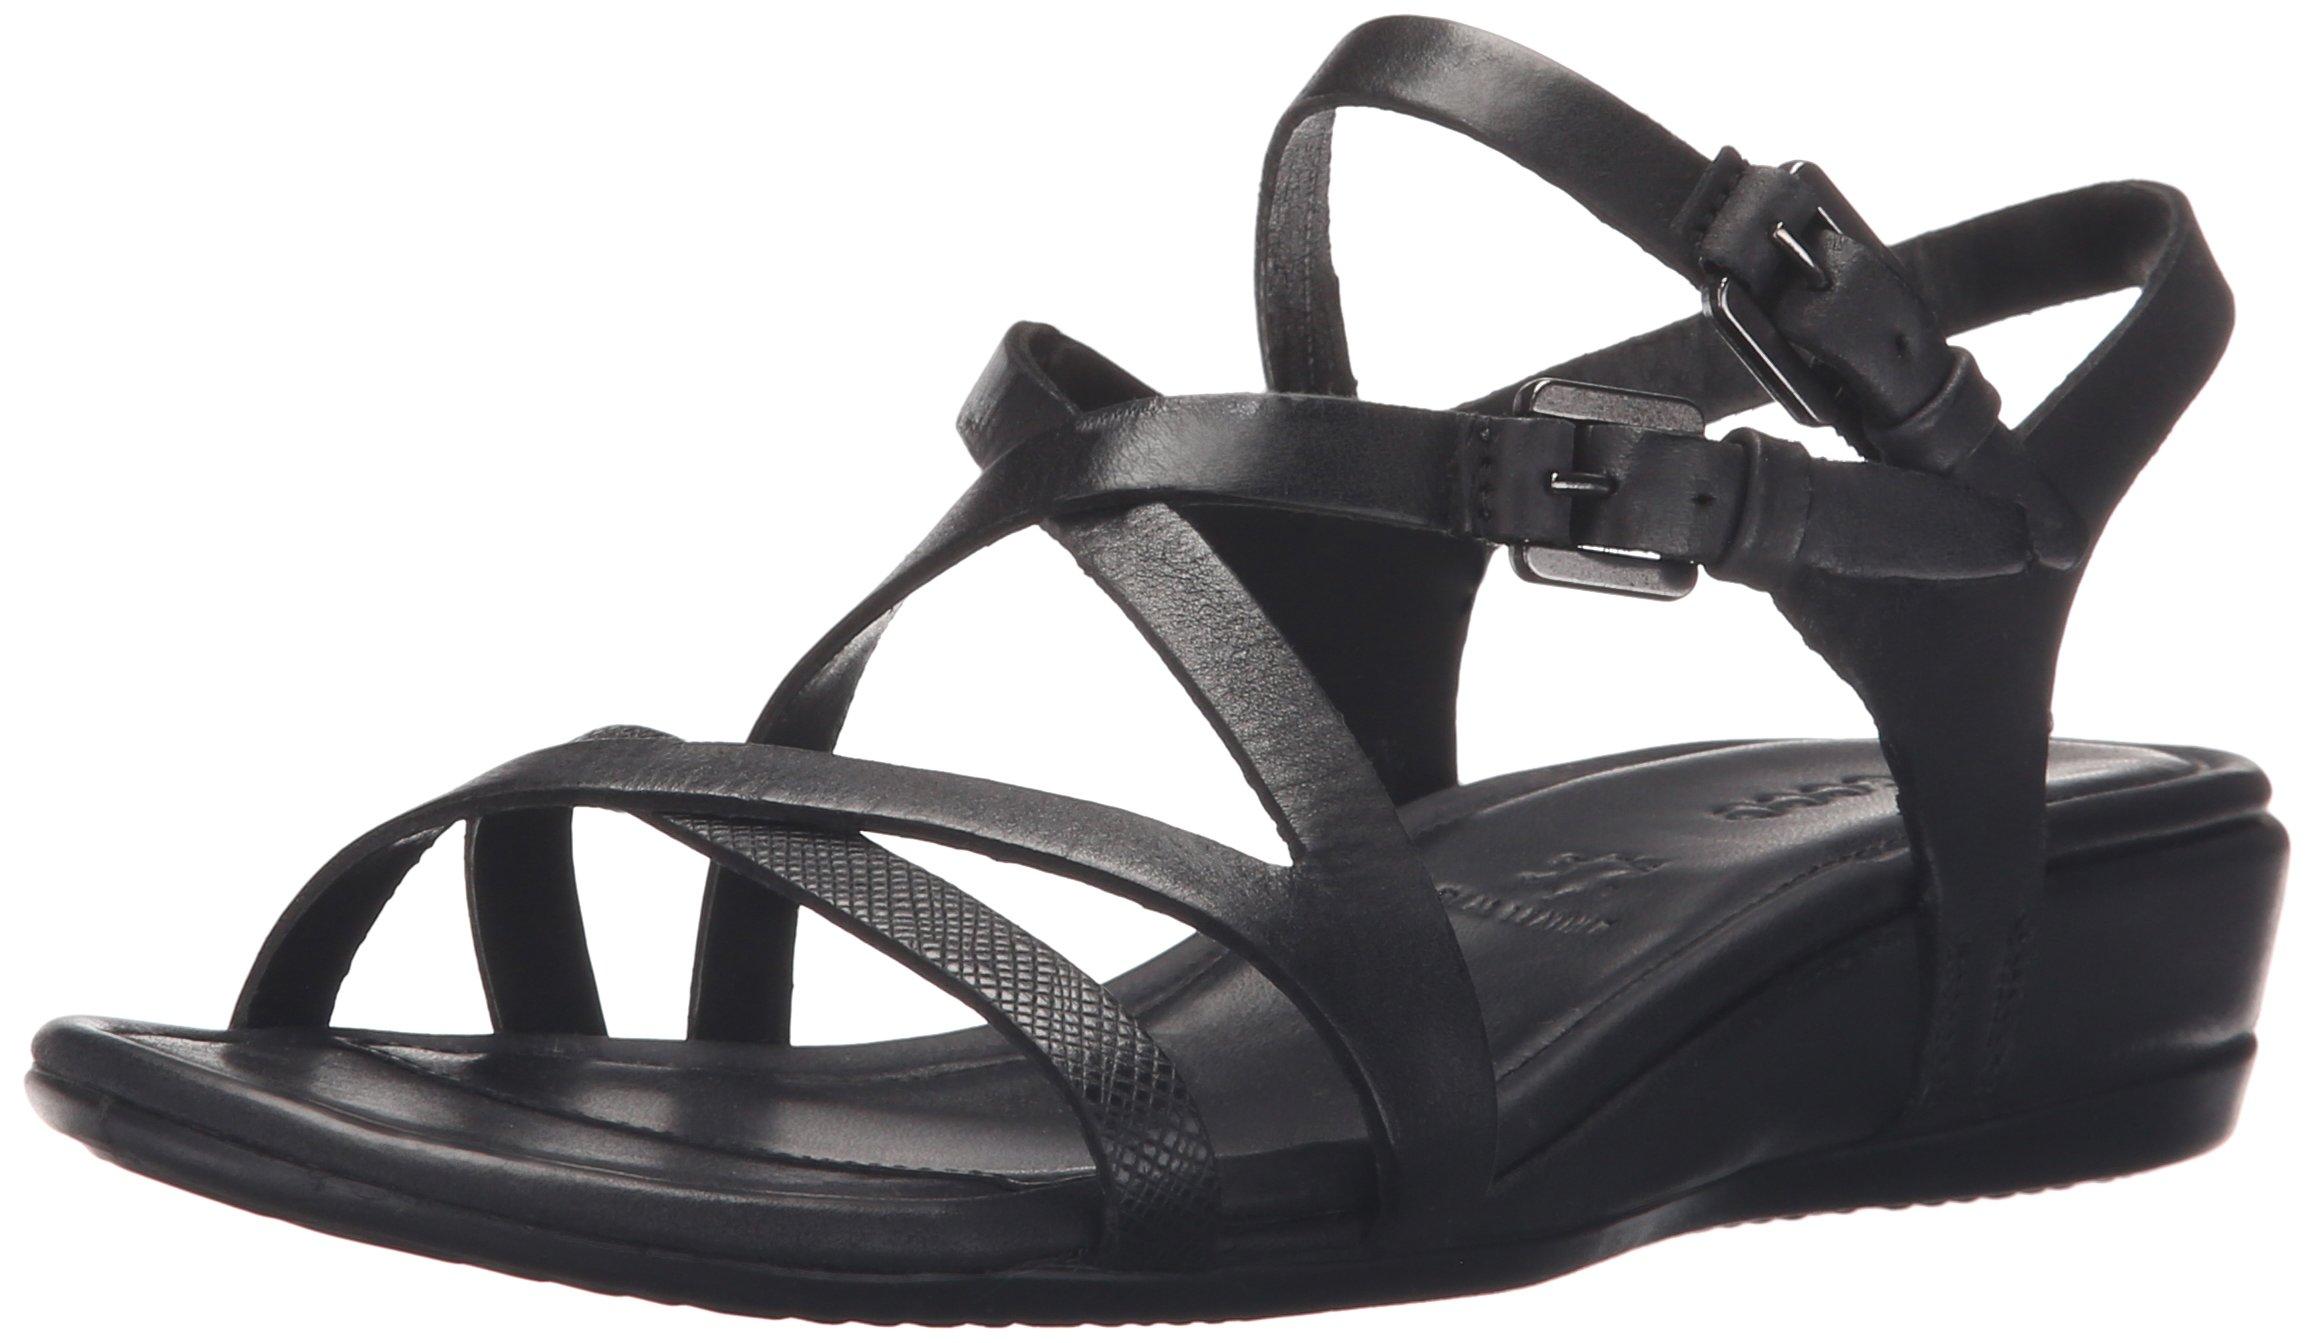 Ecco Footwear Womens Touch 25 Strap Sandal Dress Sandal, Black/Black, 41 EU/10-10.5 M US